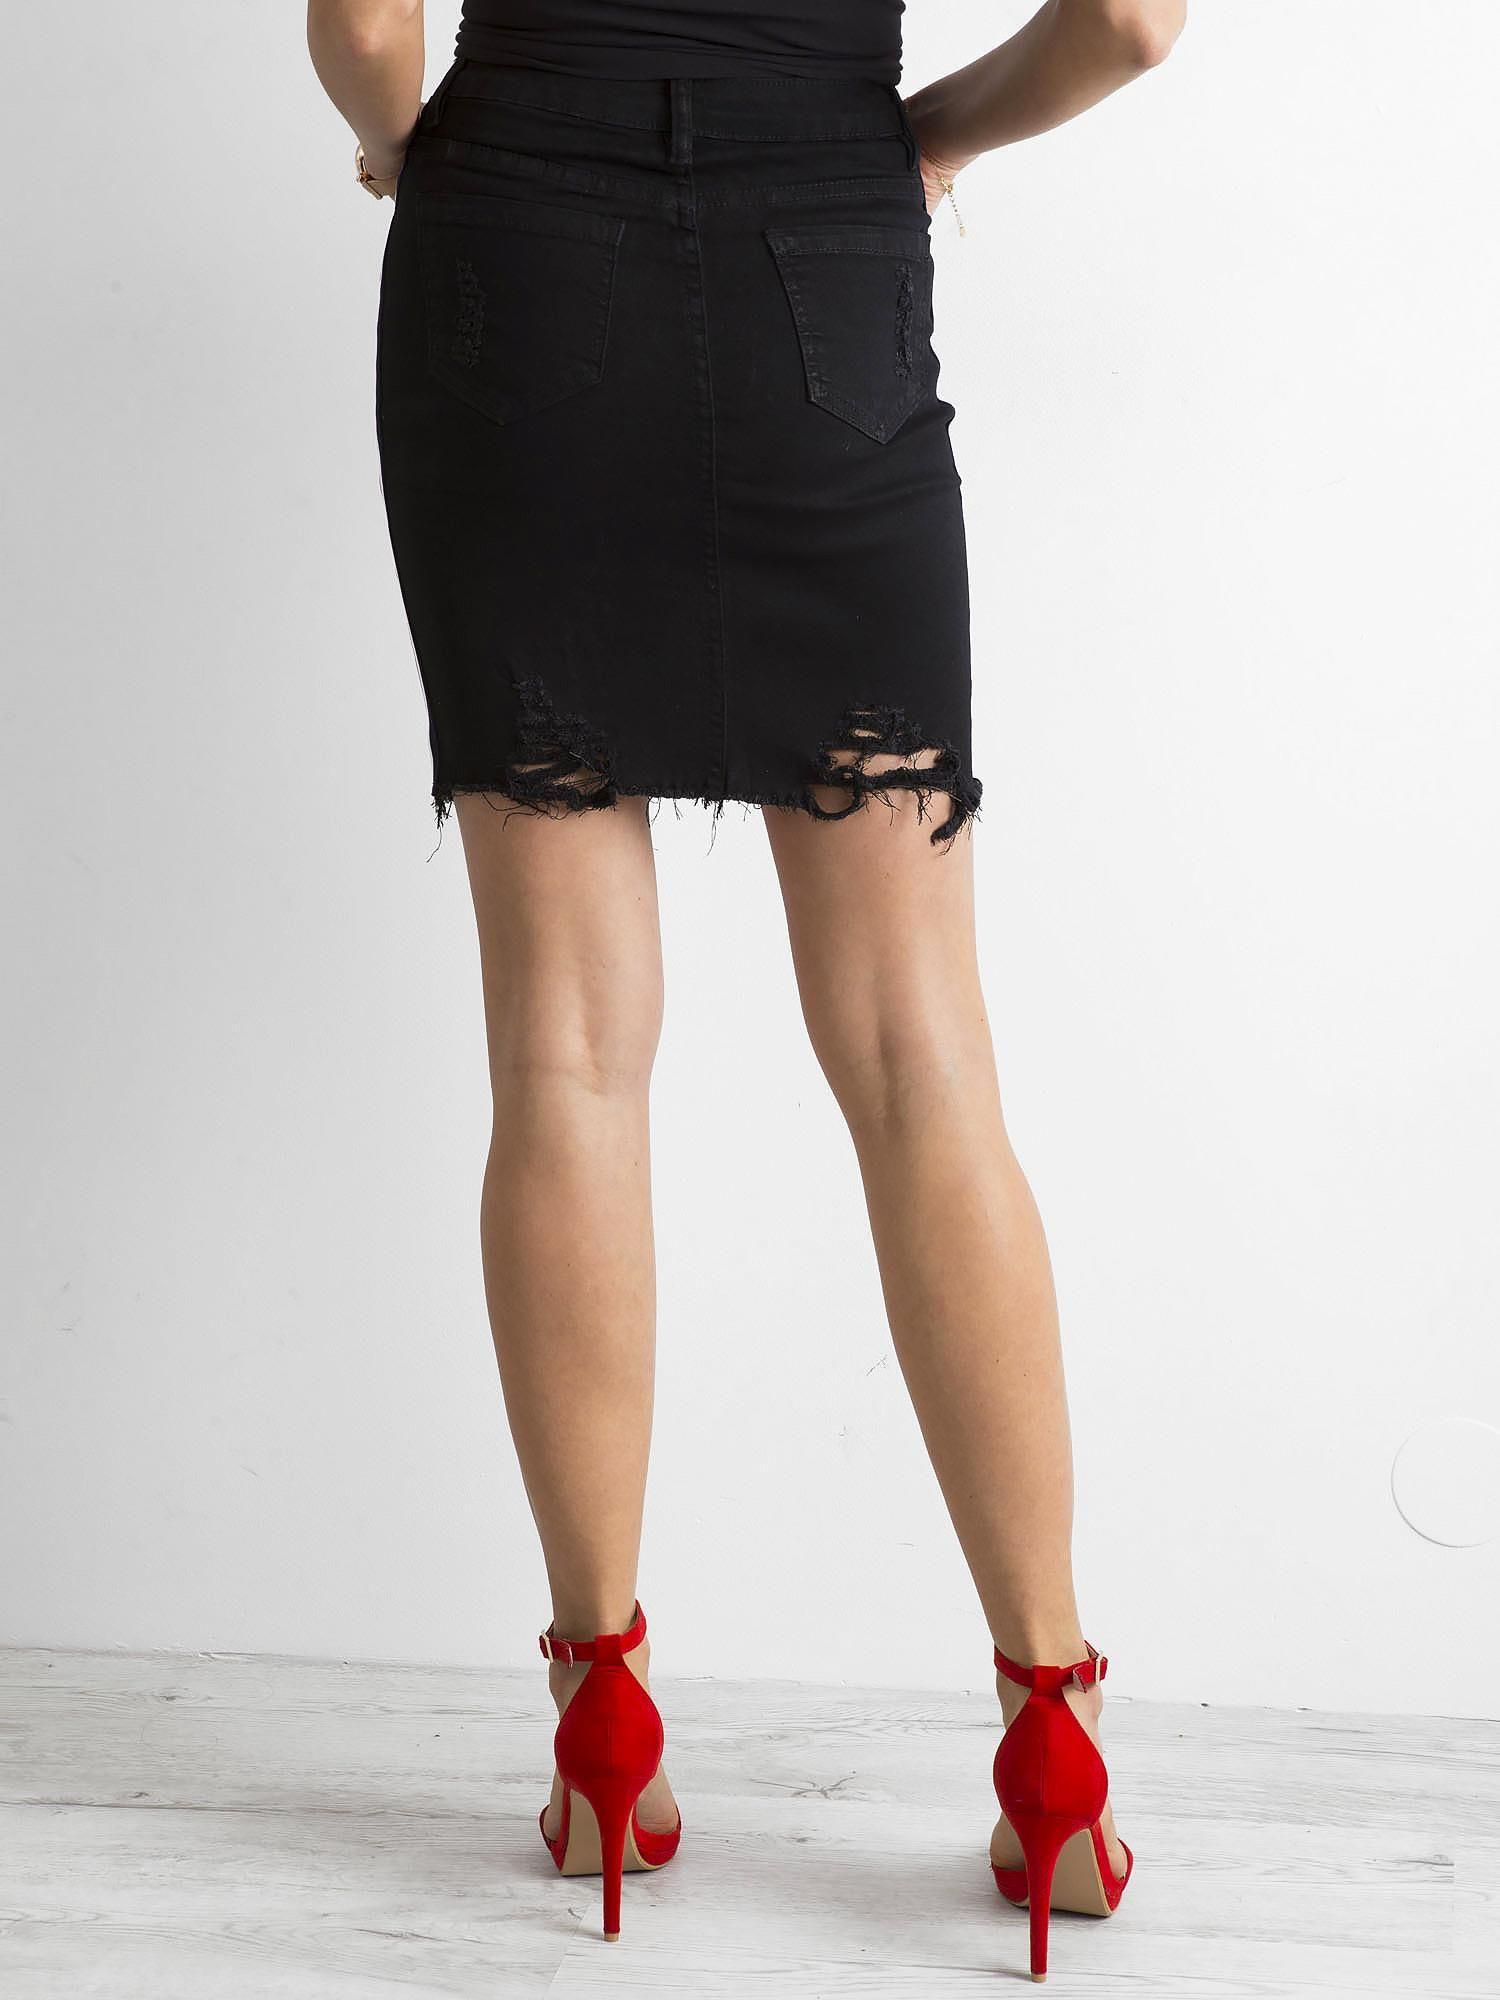 Jeansowa spódnica czarna s krótka 36 reserved dżinsowa